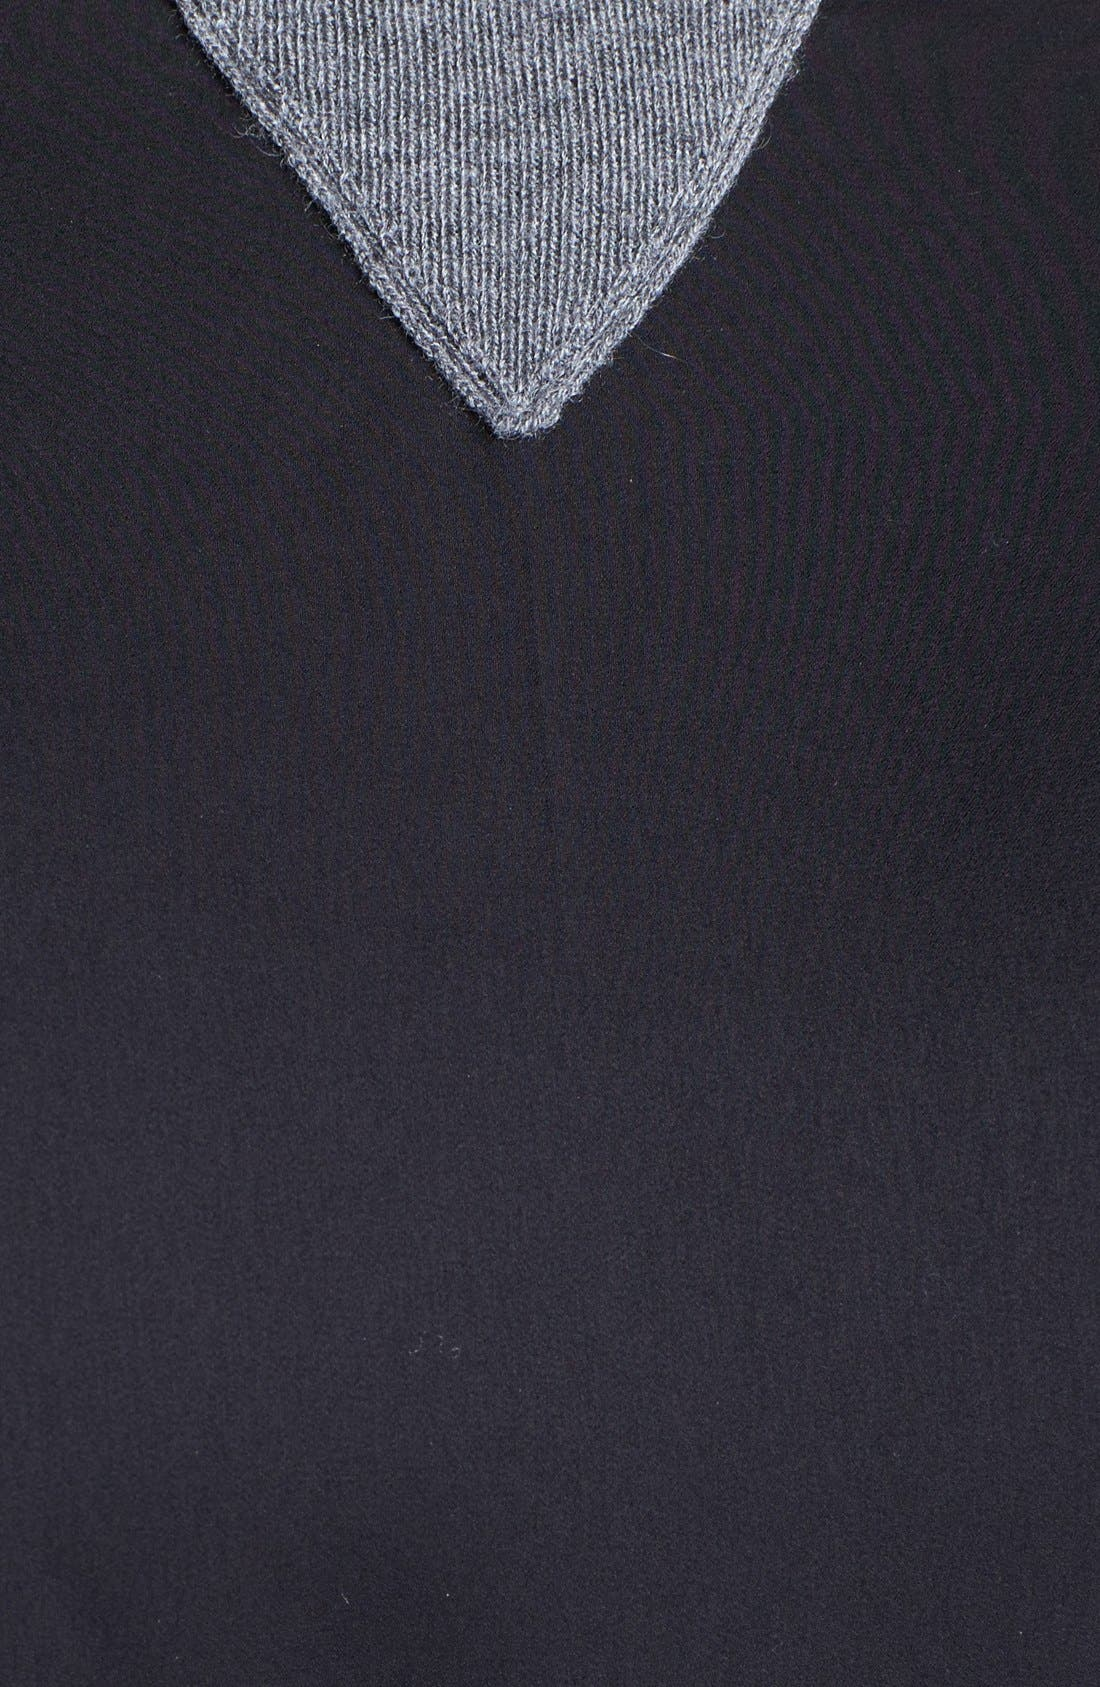 Alternate Image 3  - Halogen® Colorblock Sweater (Plus Size)